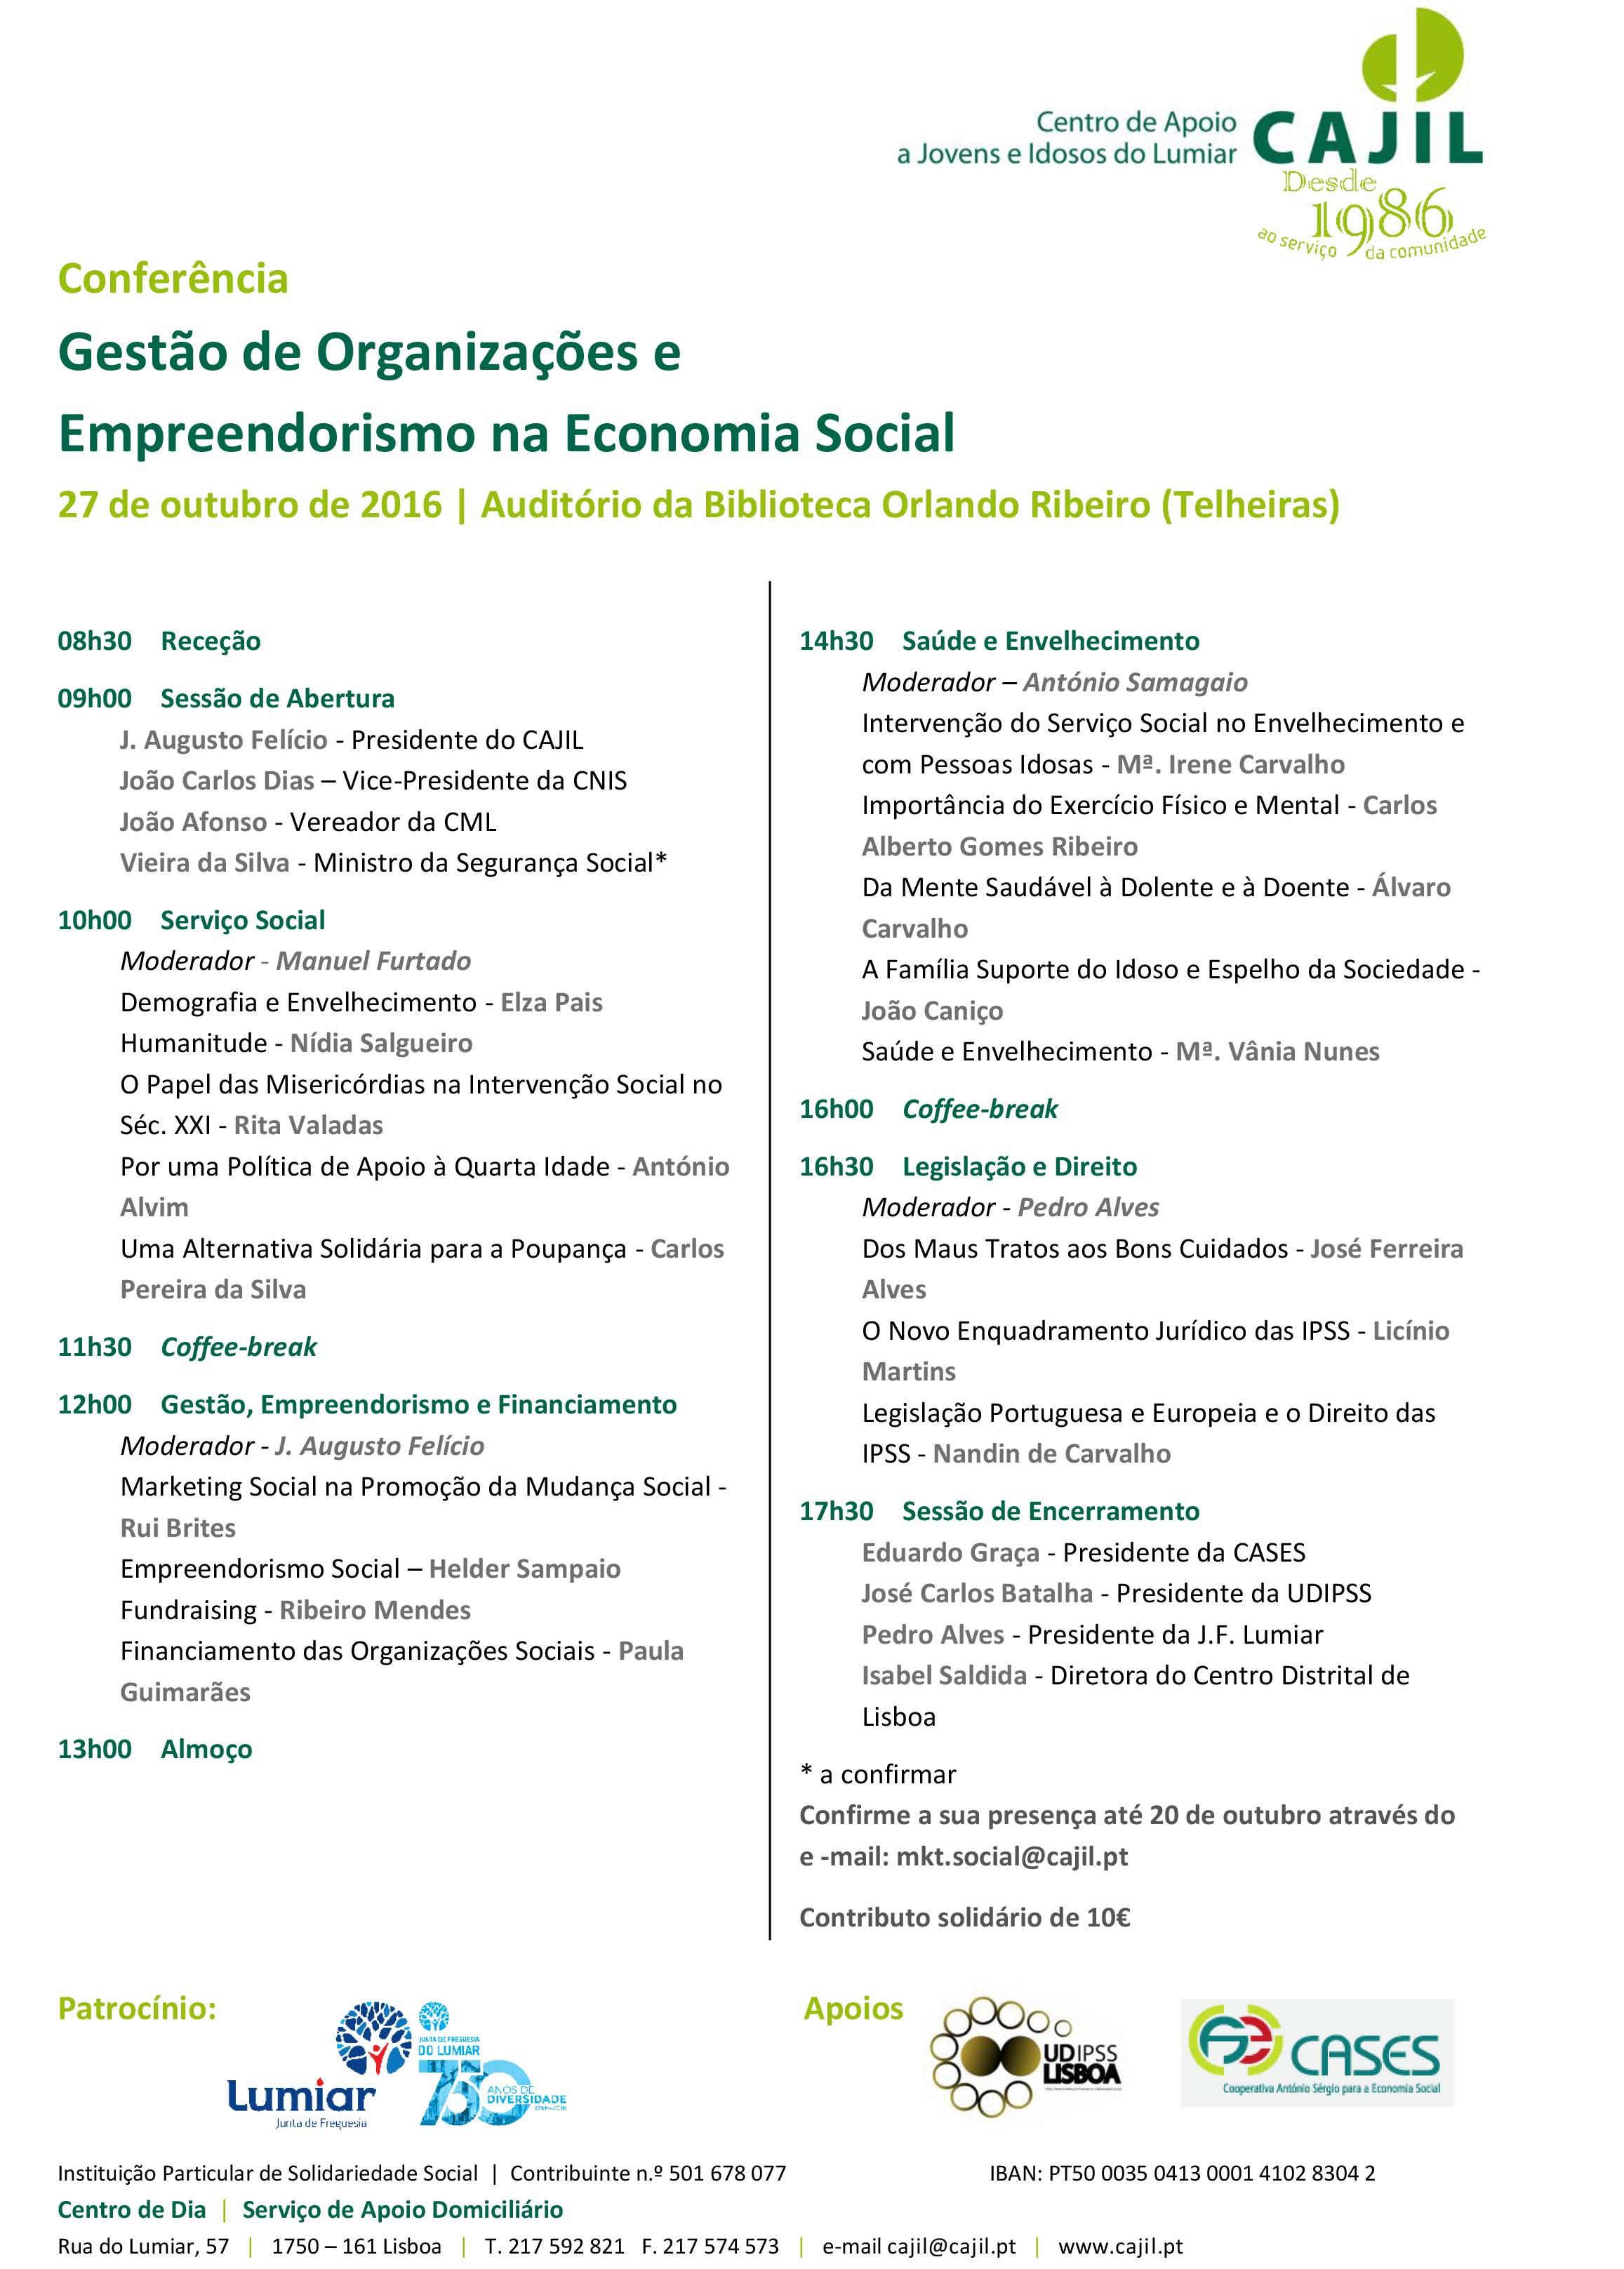 Gestão de Organizações e Empreendorismo na Economia Social